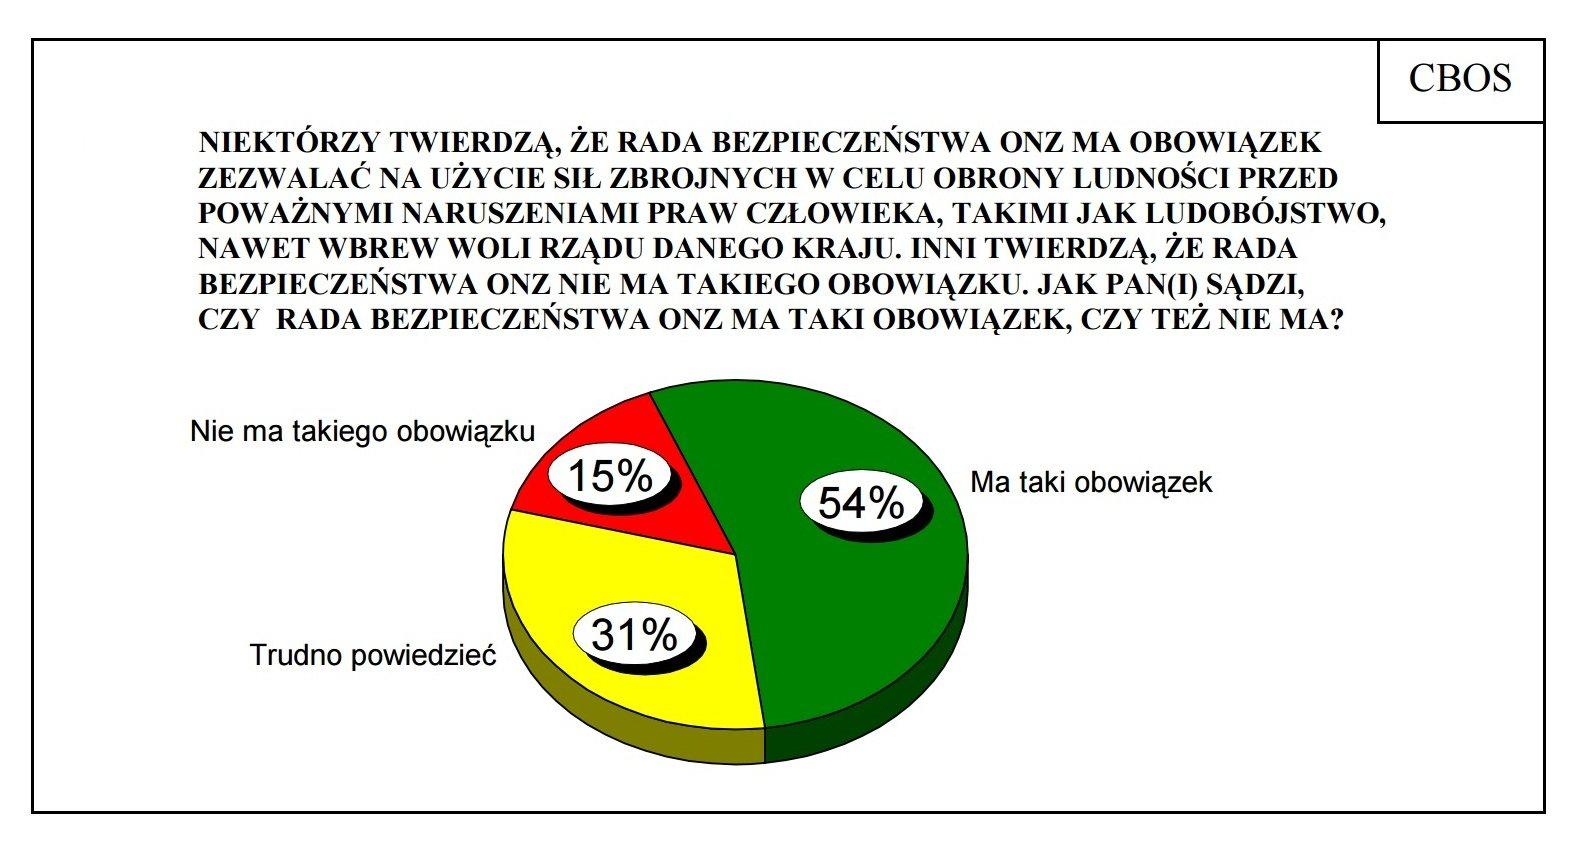 Wyniki ankiety na temat działania rady bezpieczeństwa ONZ